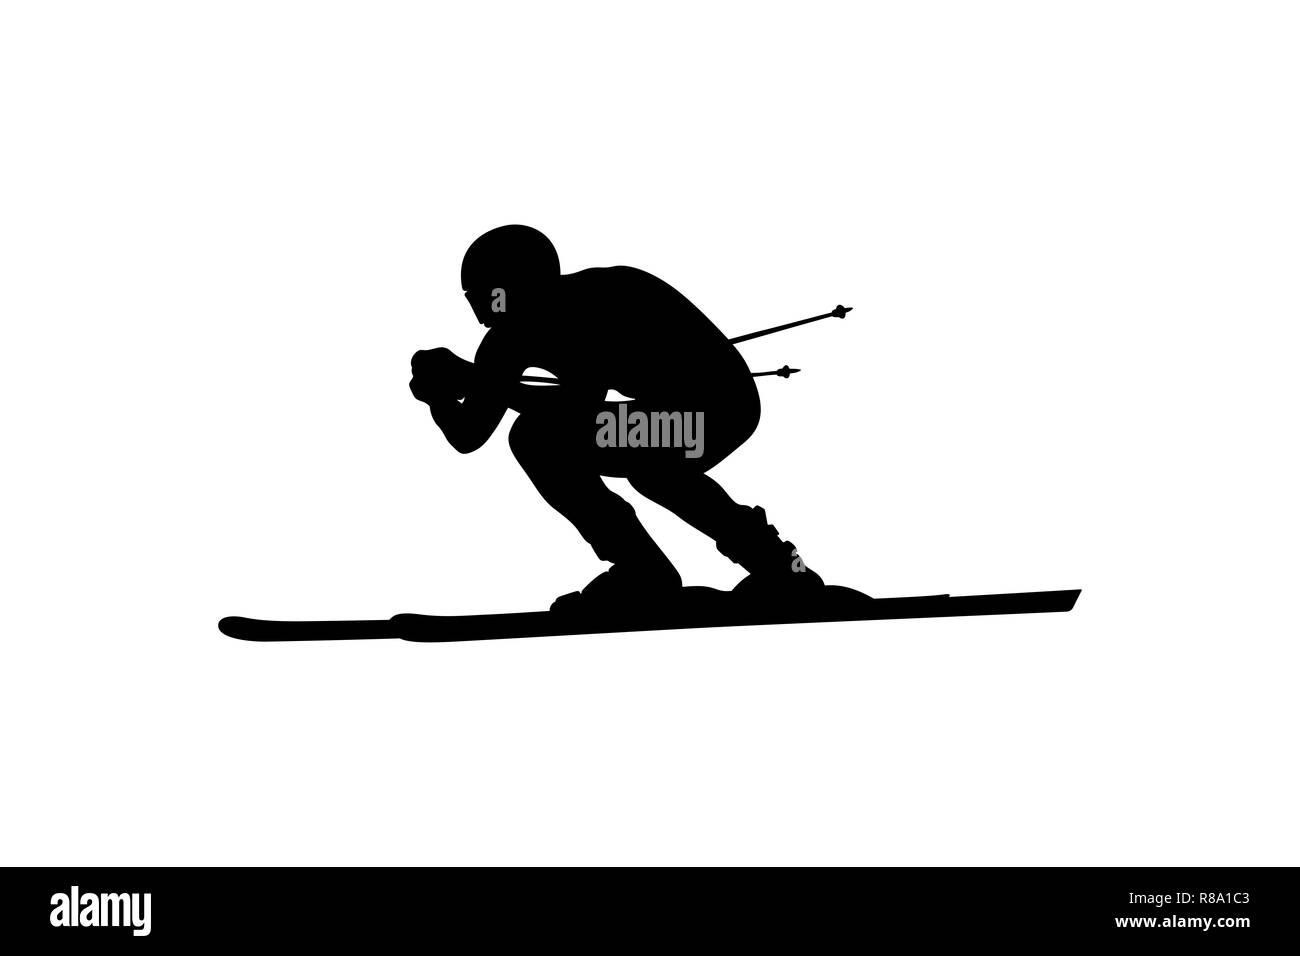 alpine skiing downhill skier athlete black silhouette - Stock Image